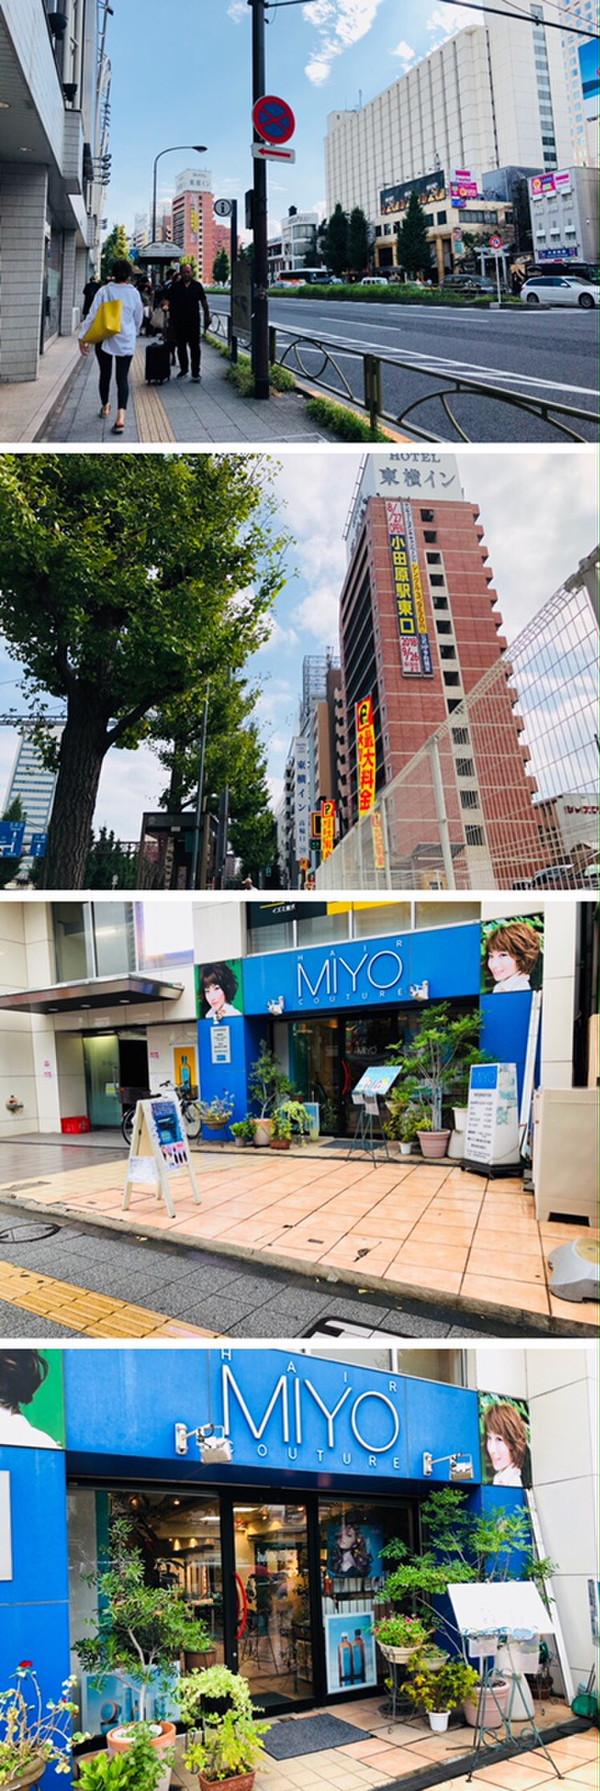 Miyo3